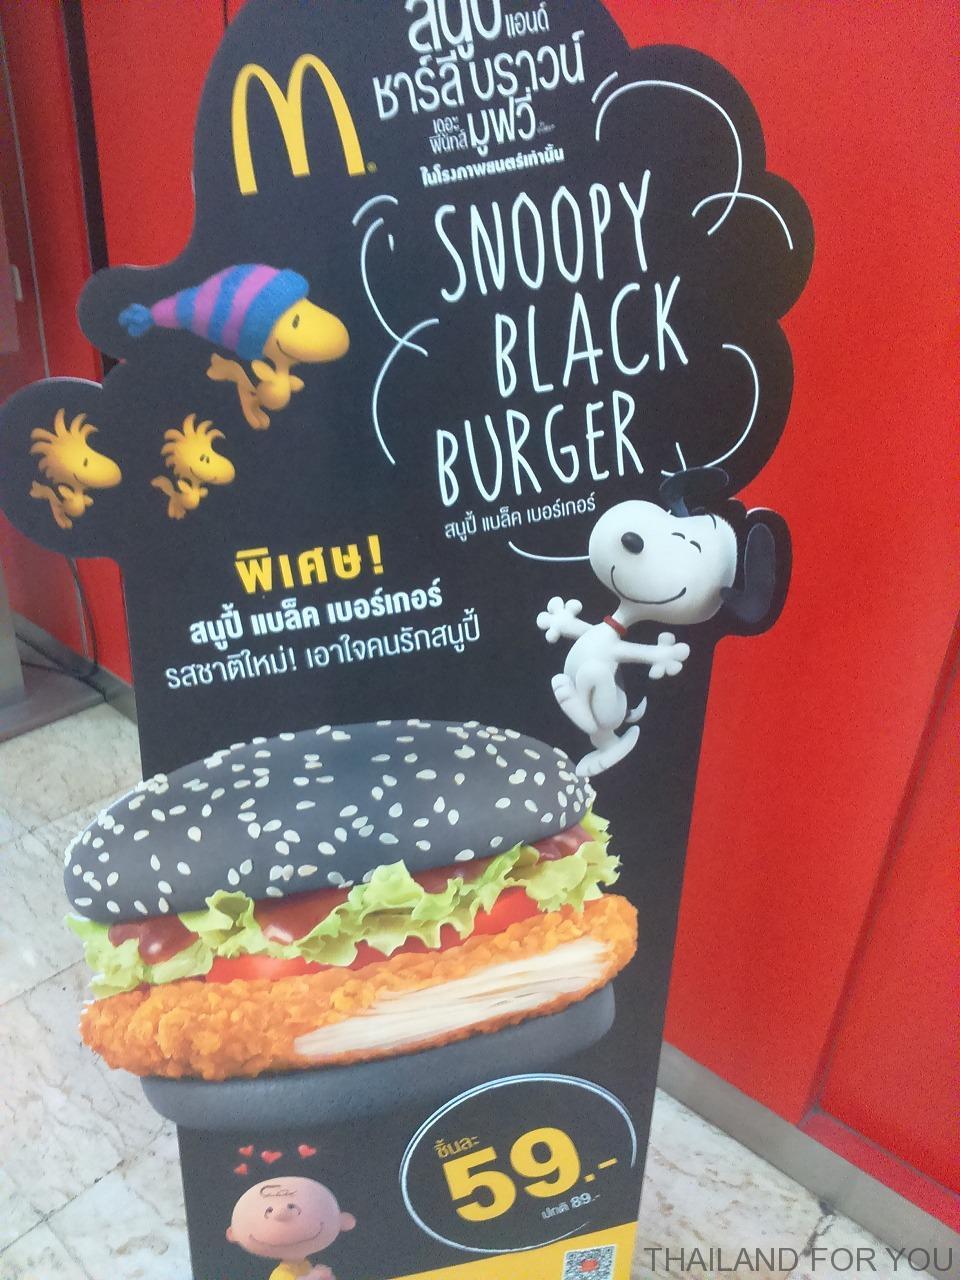 マクドナルドタイ限定メニューのスヌーピーブラックバーガー(SNOOPY BLACK BURGER)